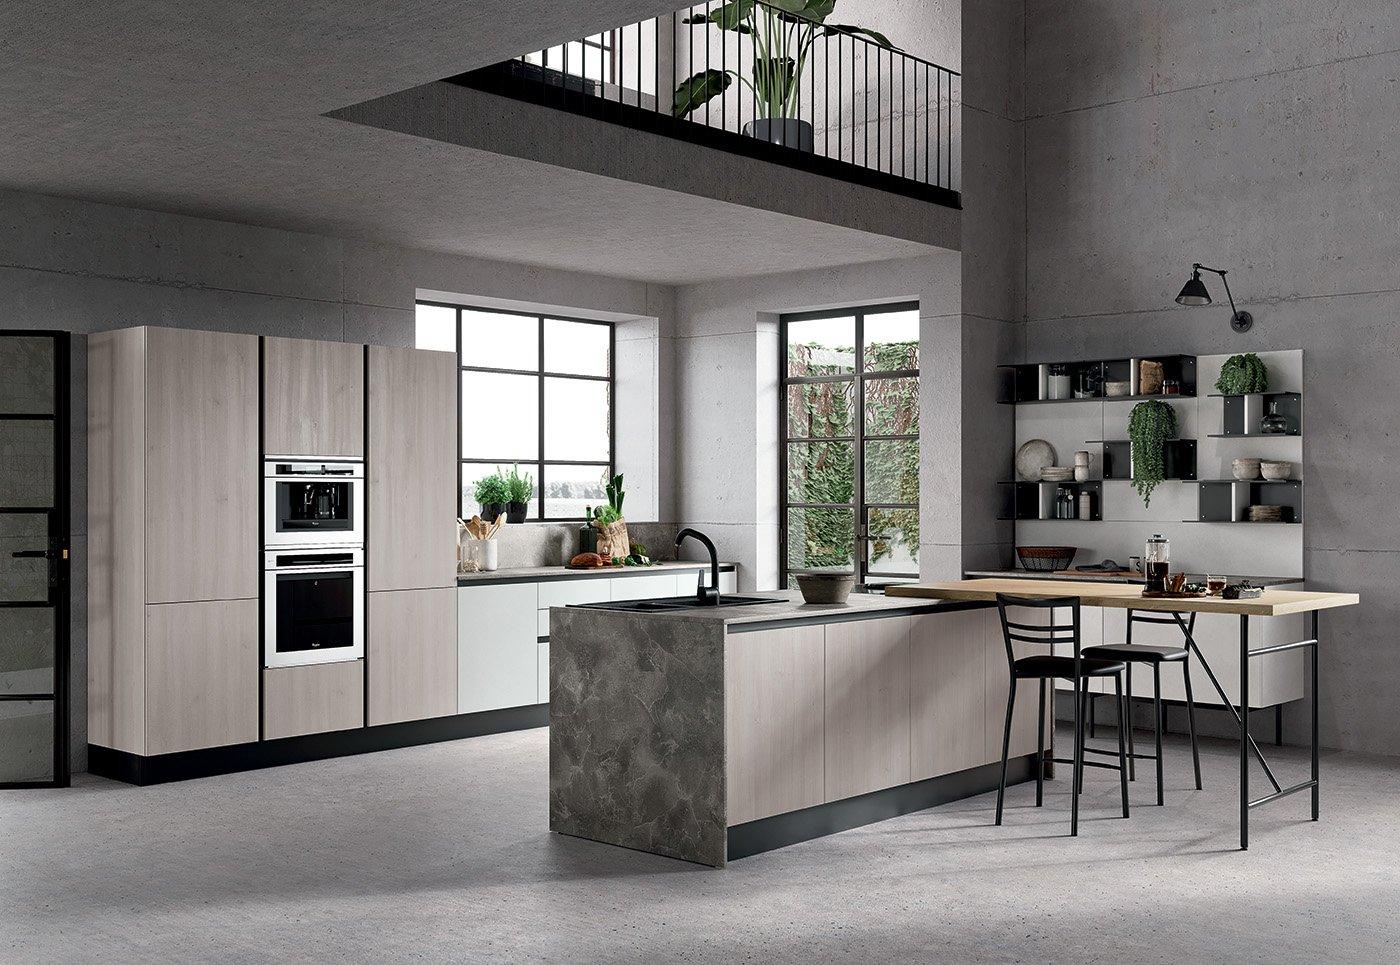 Colombini-Casa-Cucina-Moderna-Paragon-finitura-cemento-artico-66-67